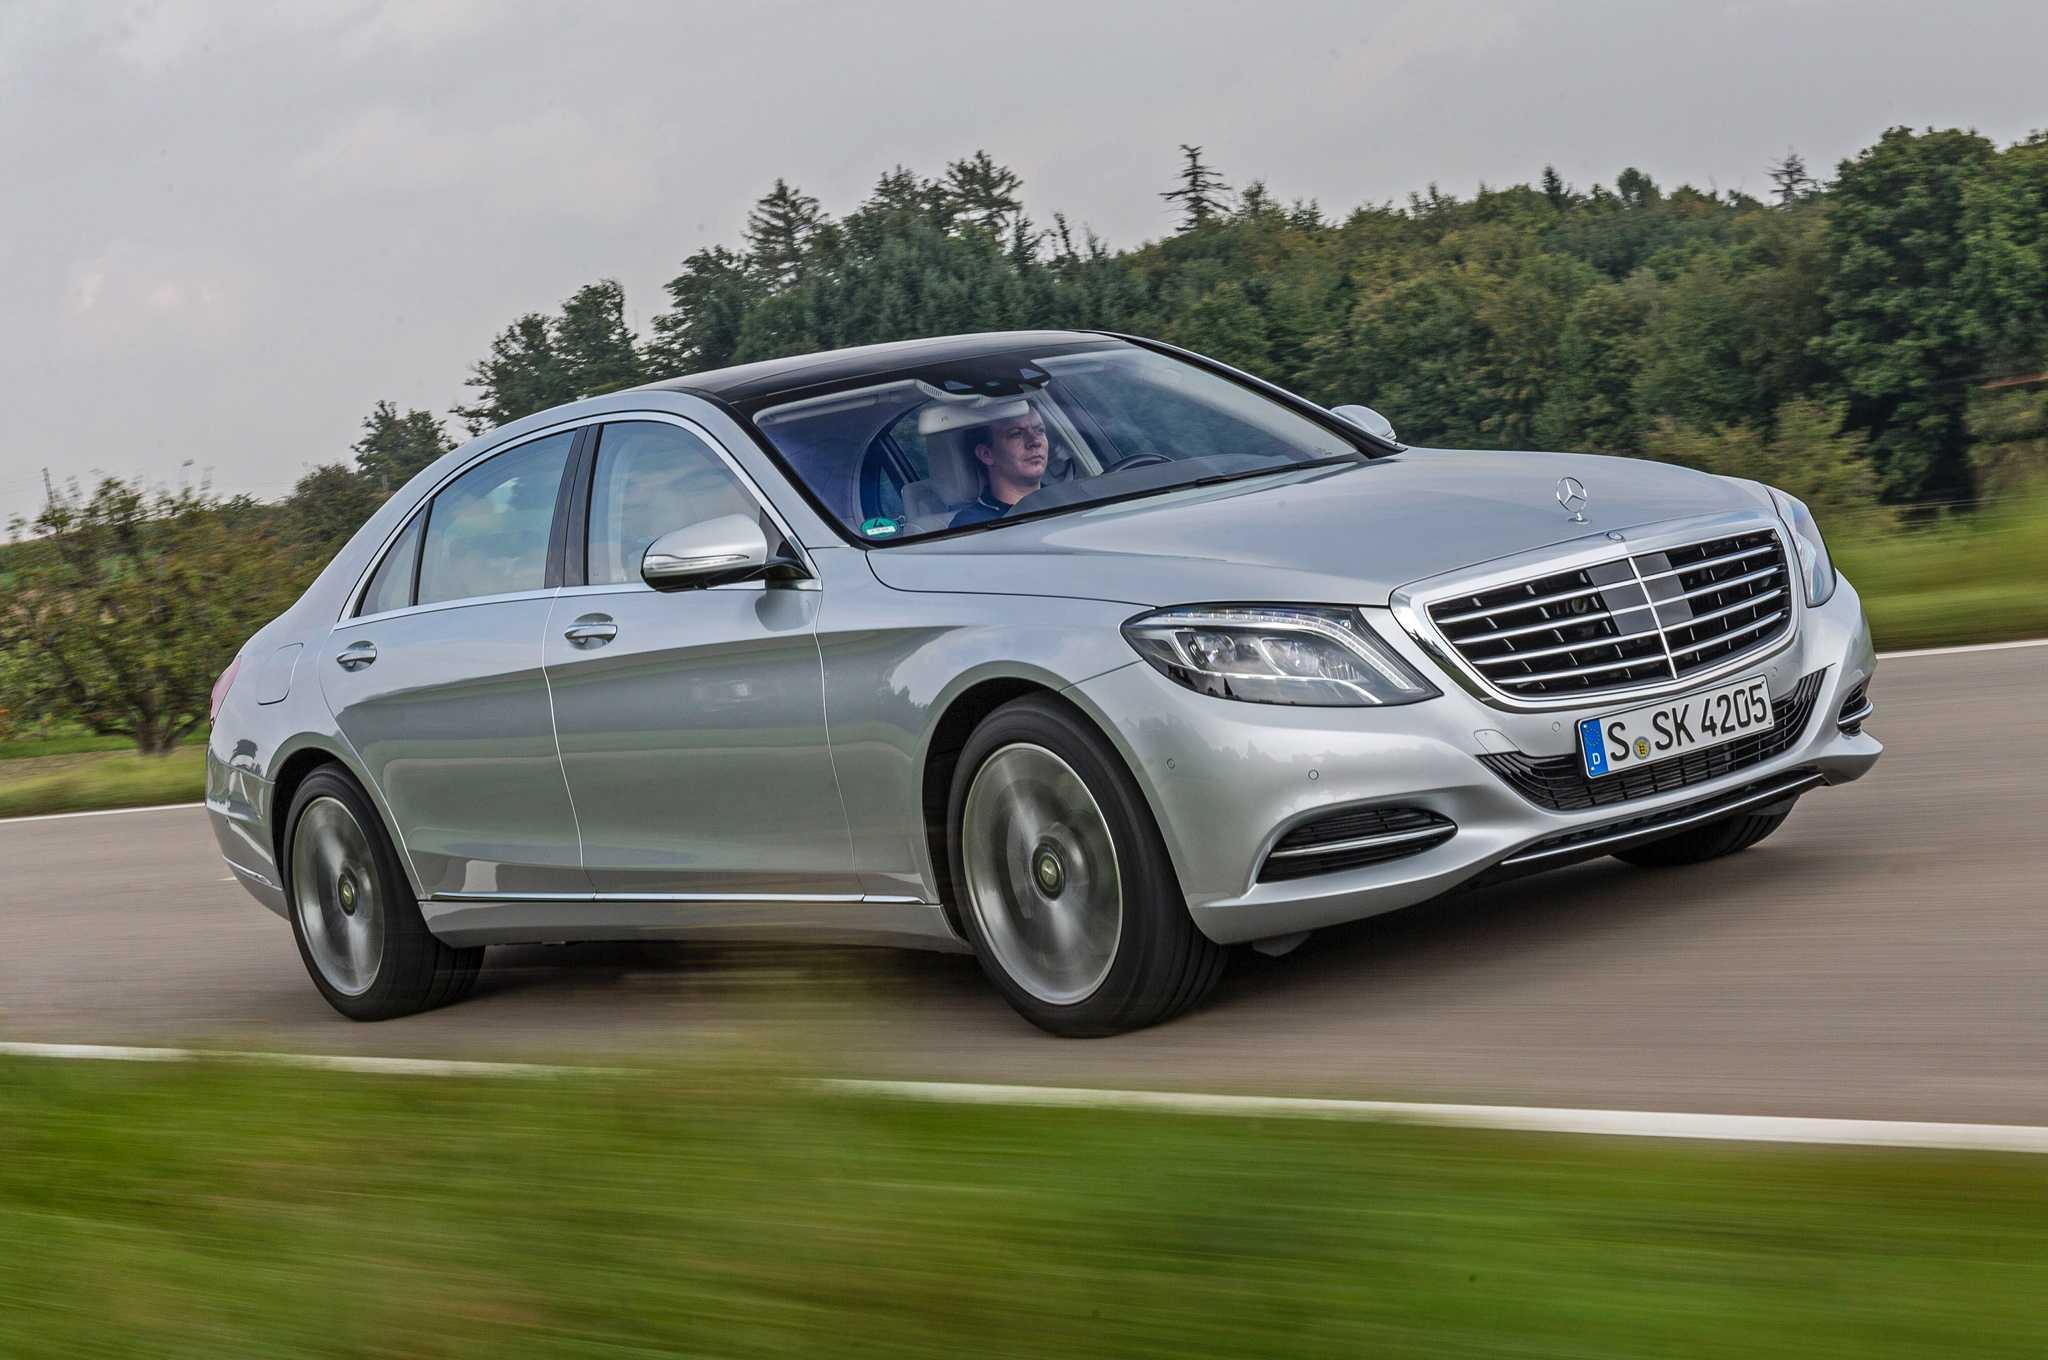 https://www.nashvillechatterclass.com/wp-content/uploads/2016/06/2015-Mercedes-Benz-S550.jpg